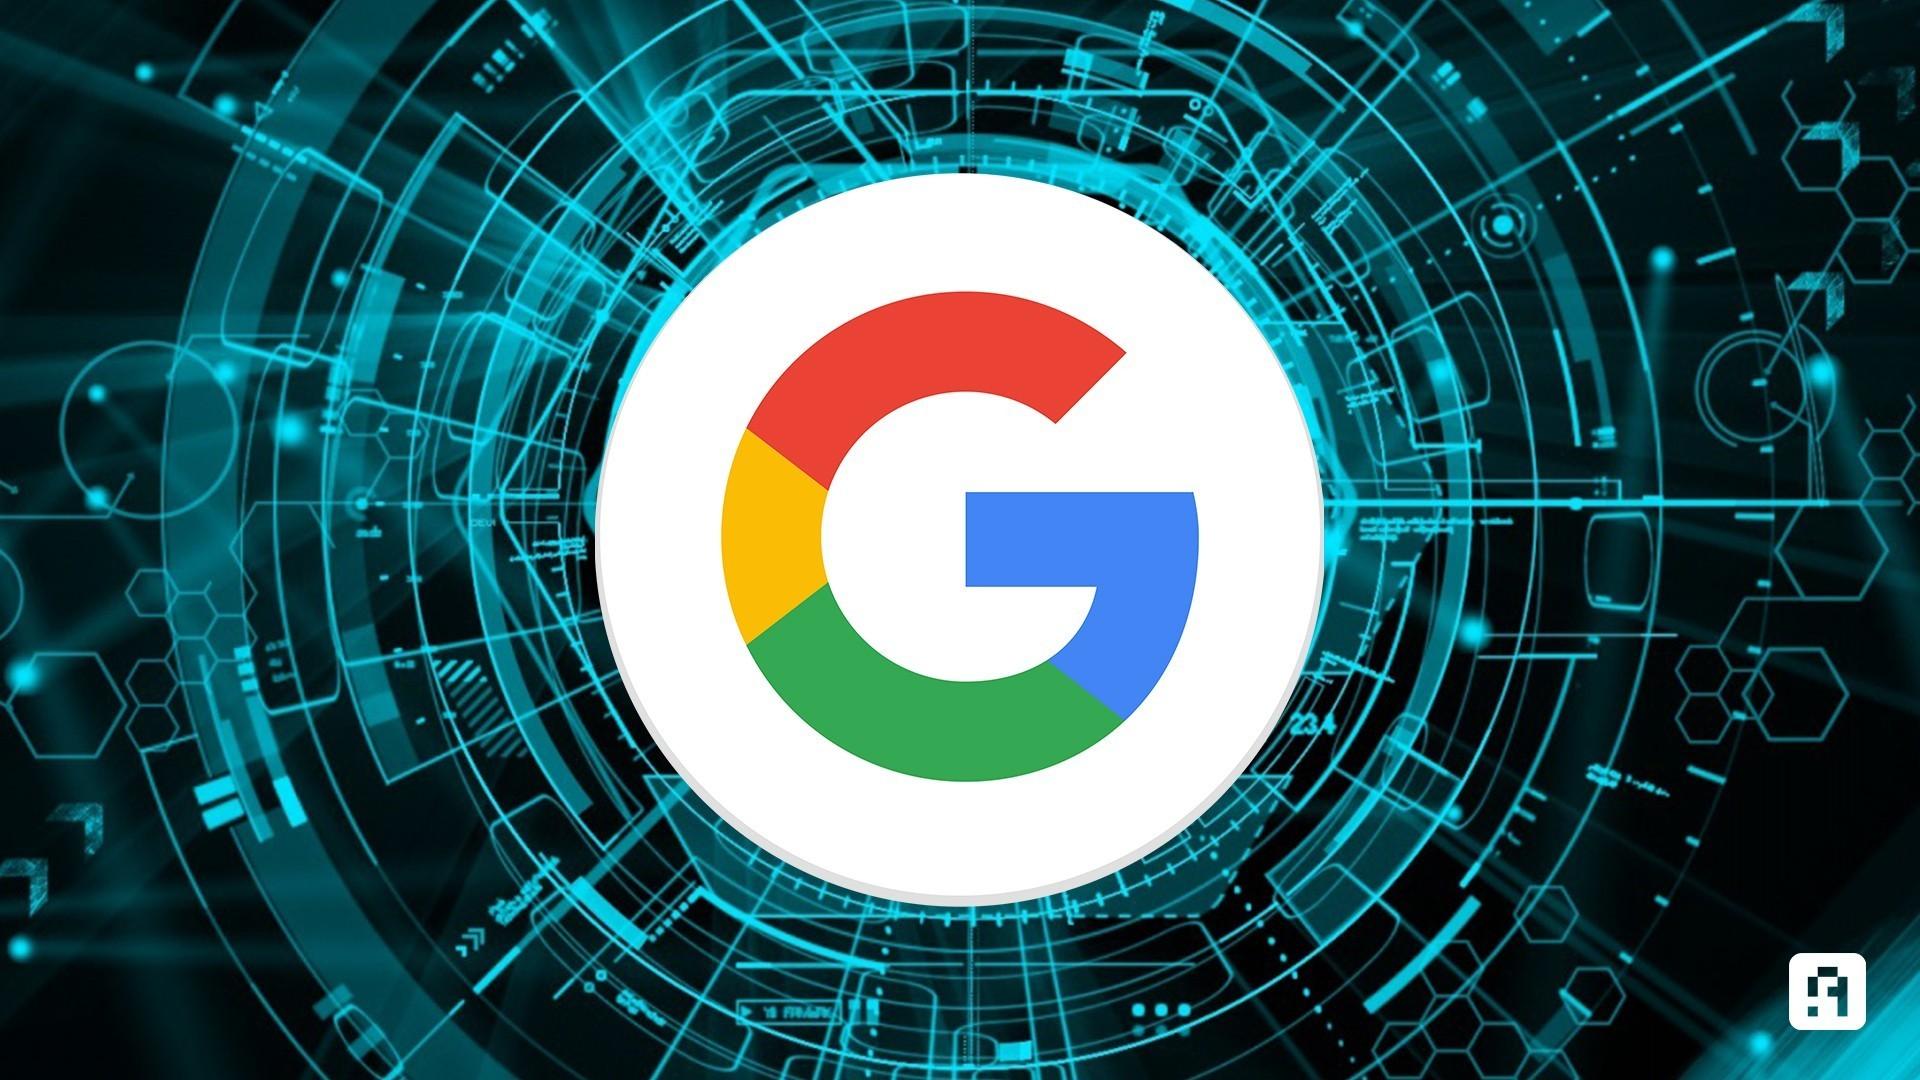 جوجل عرب هاردوير